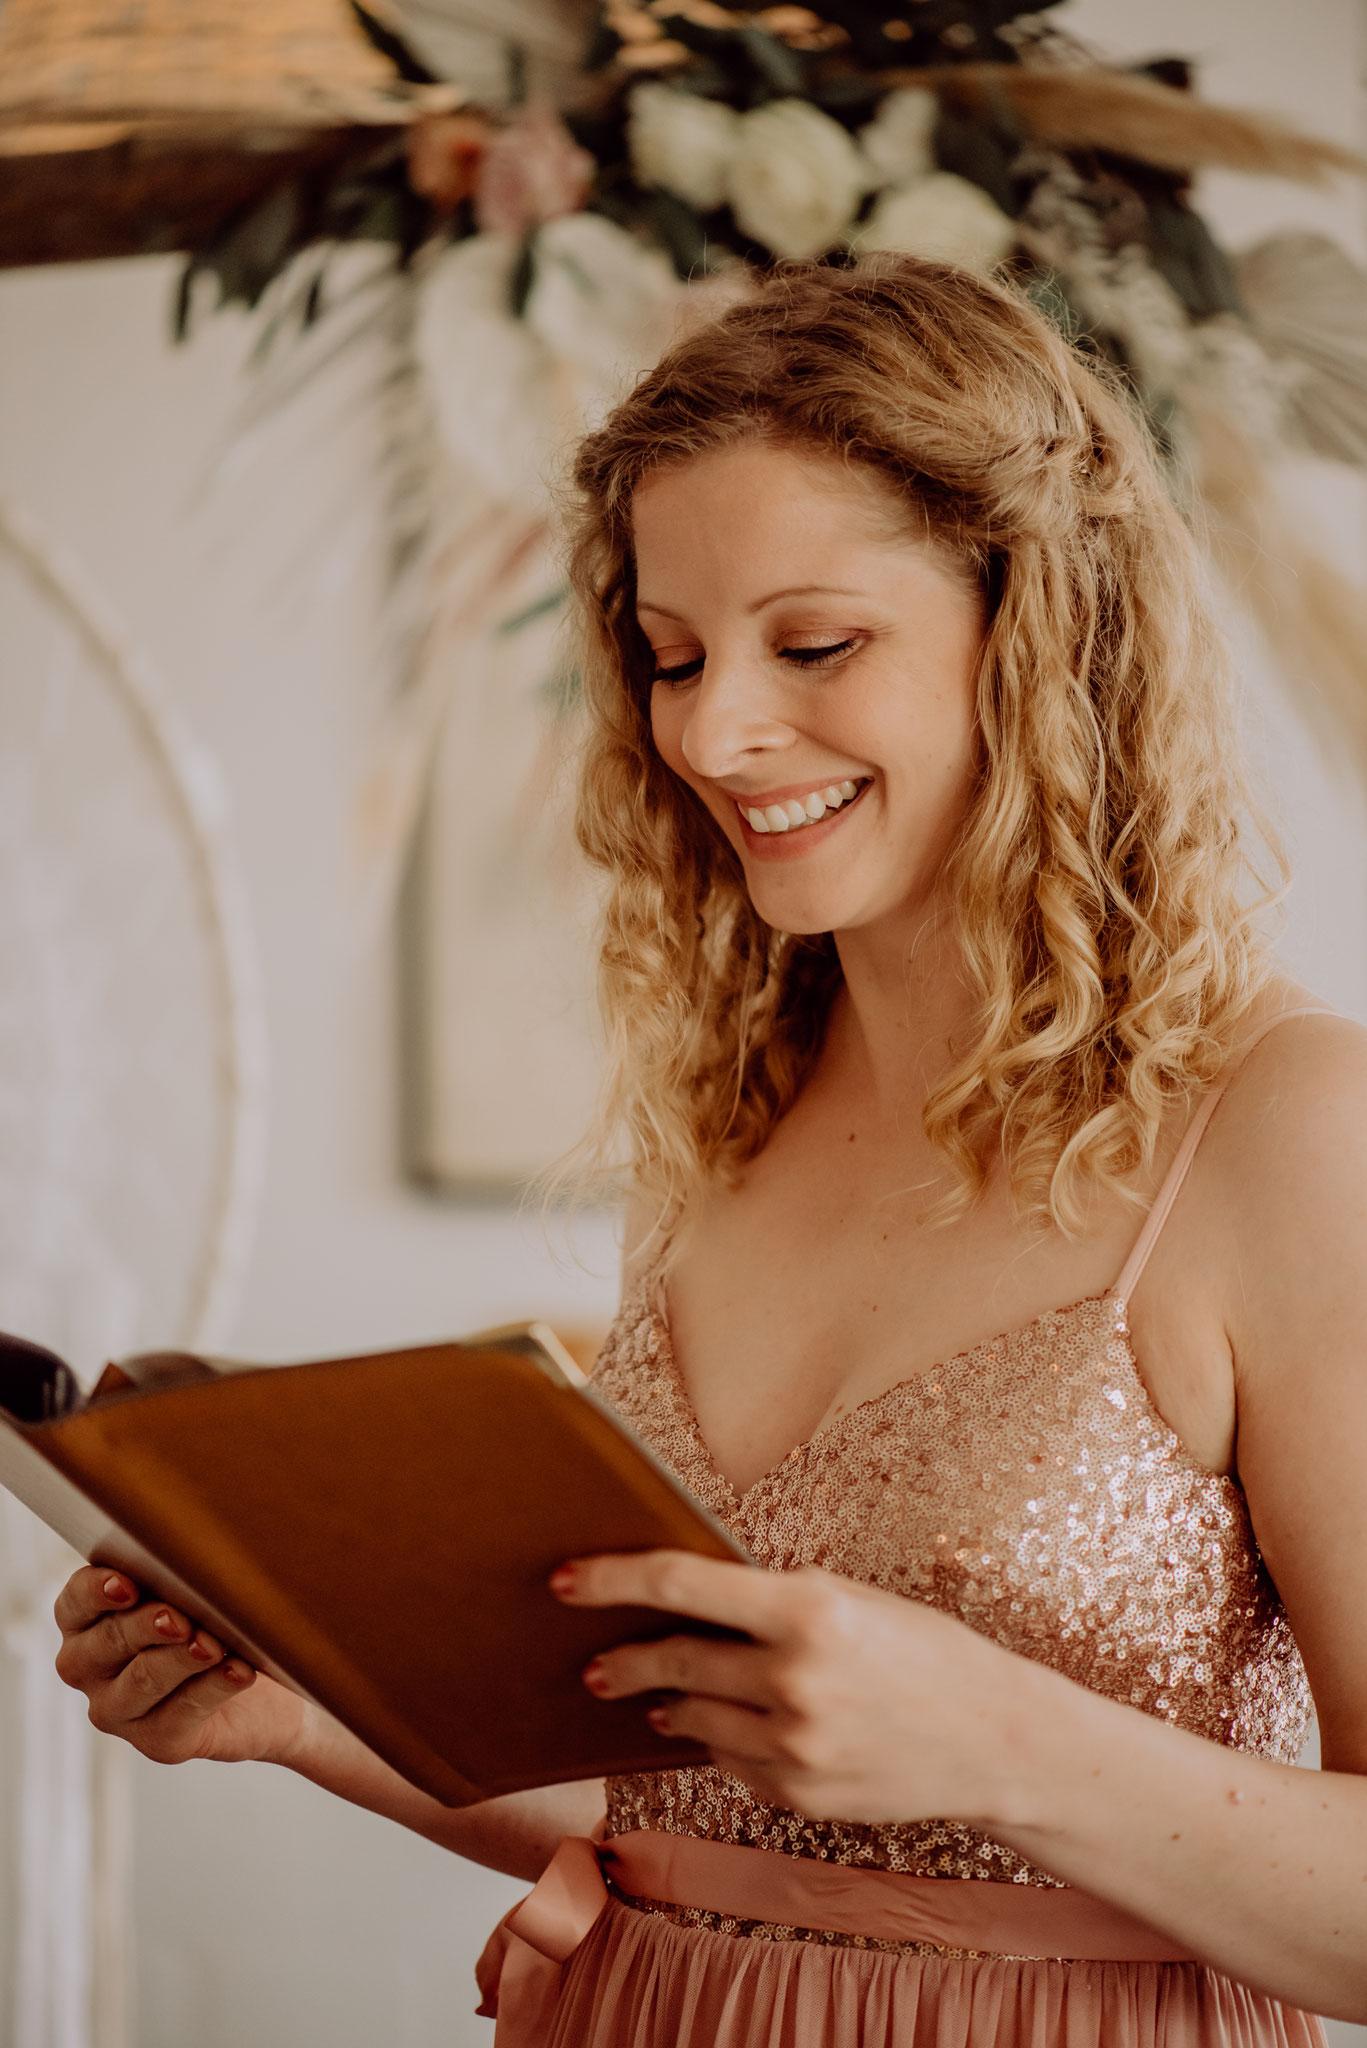 Das bin ich: Hochzeitsrednerin aus Leidenschaft (Foto: Landei Fotografie)